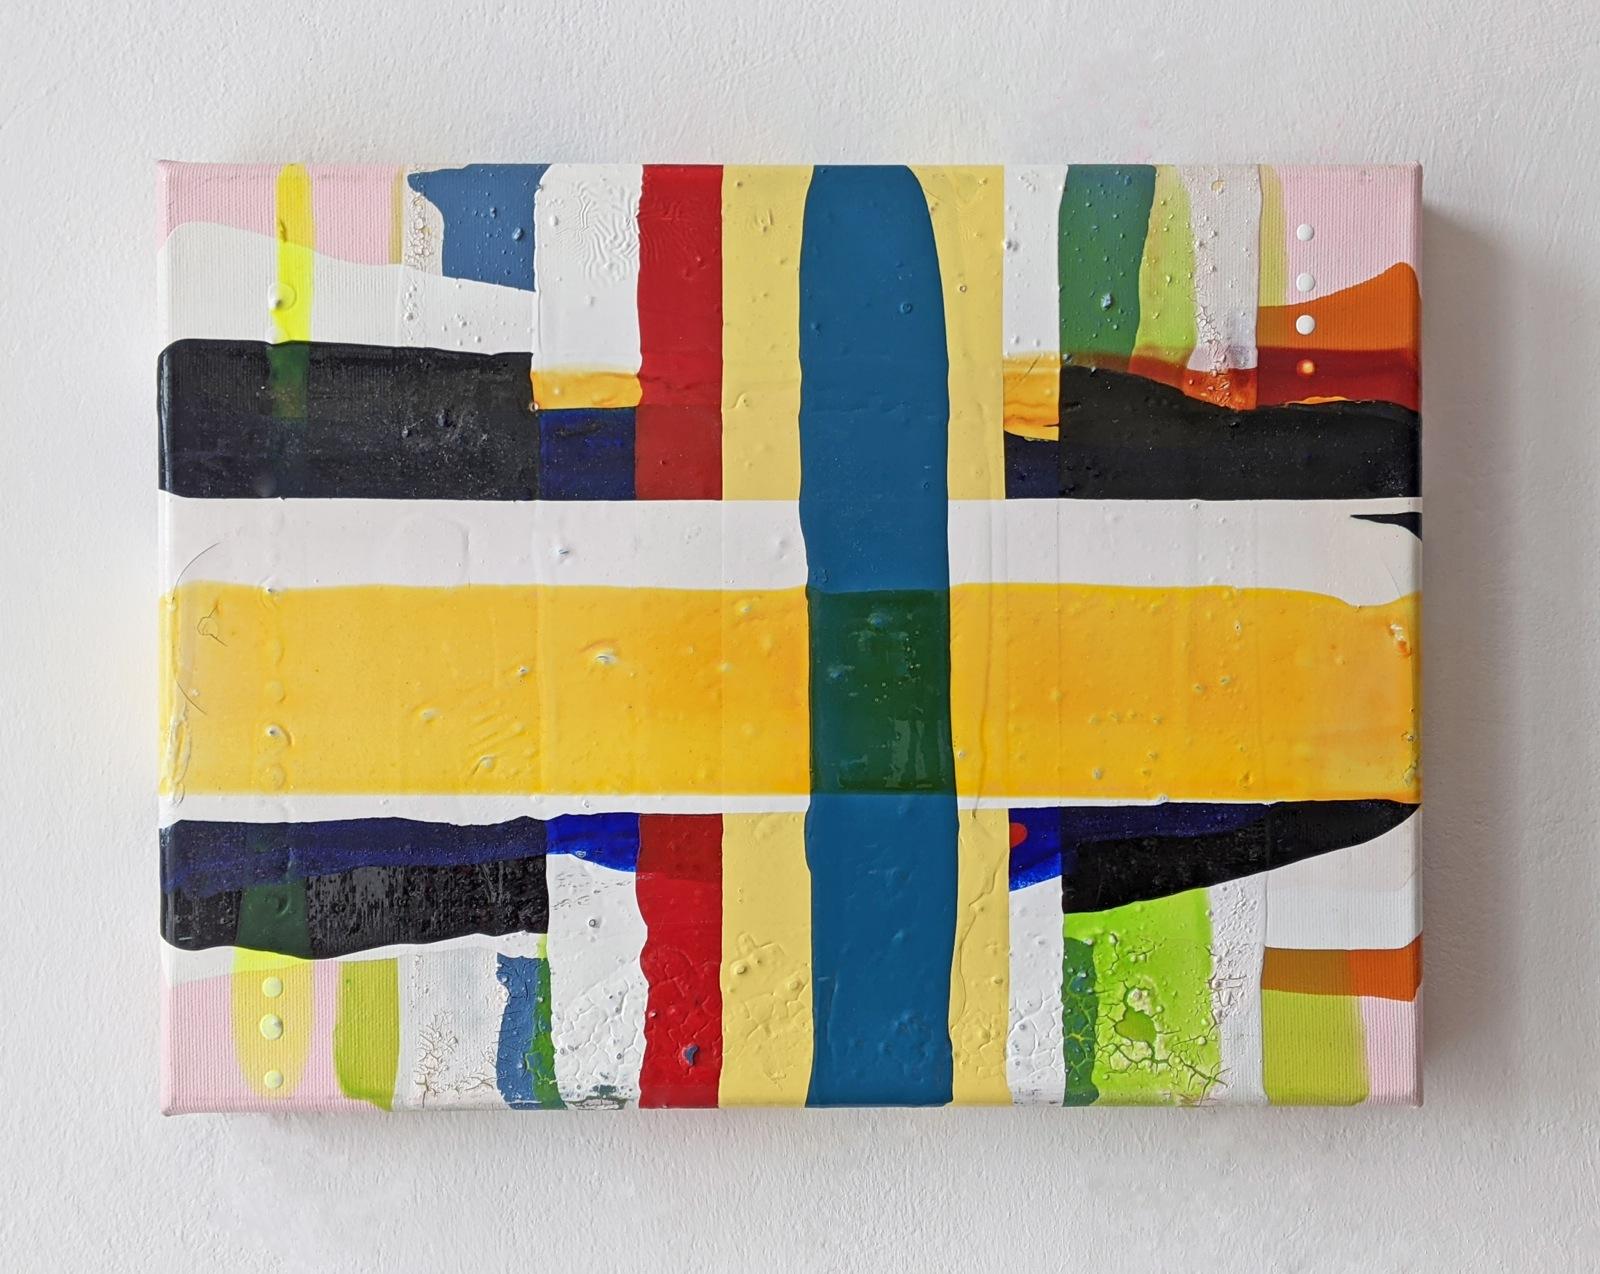 J JP, 40x30 cm, Acrylfarbe, Leinwand, 2005